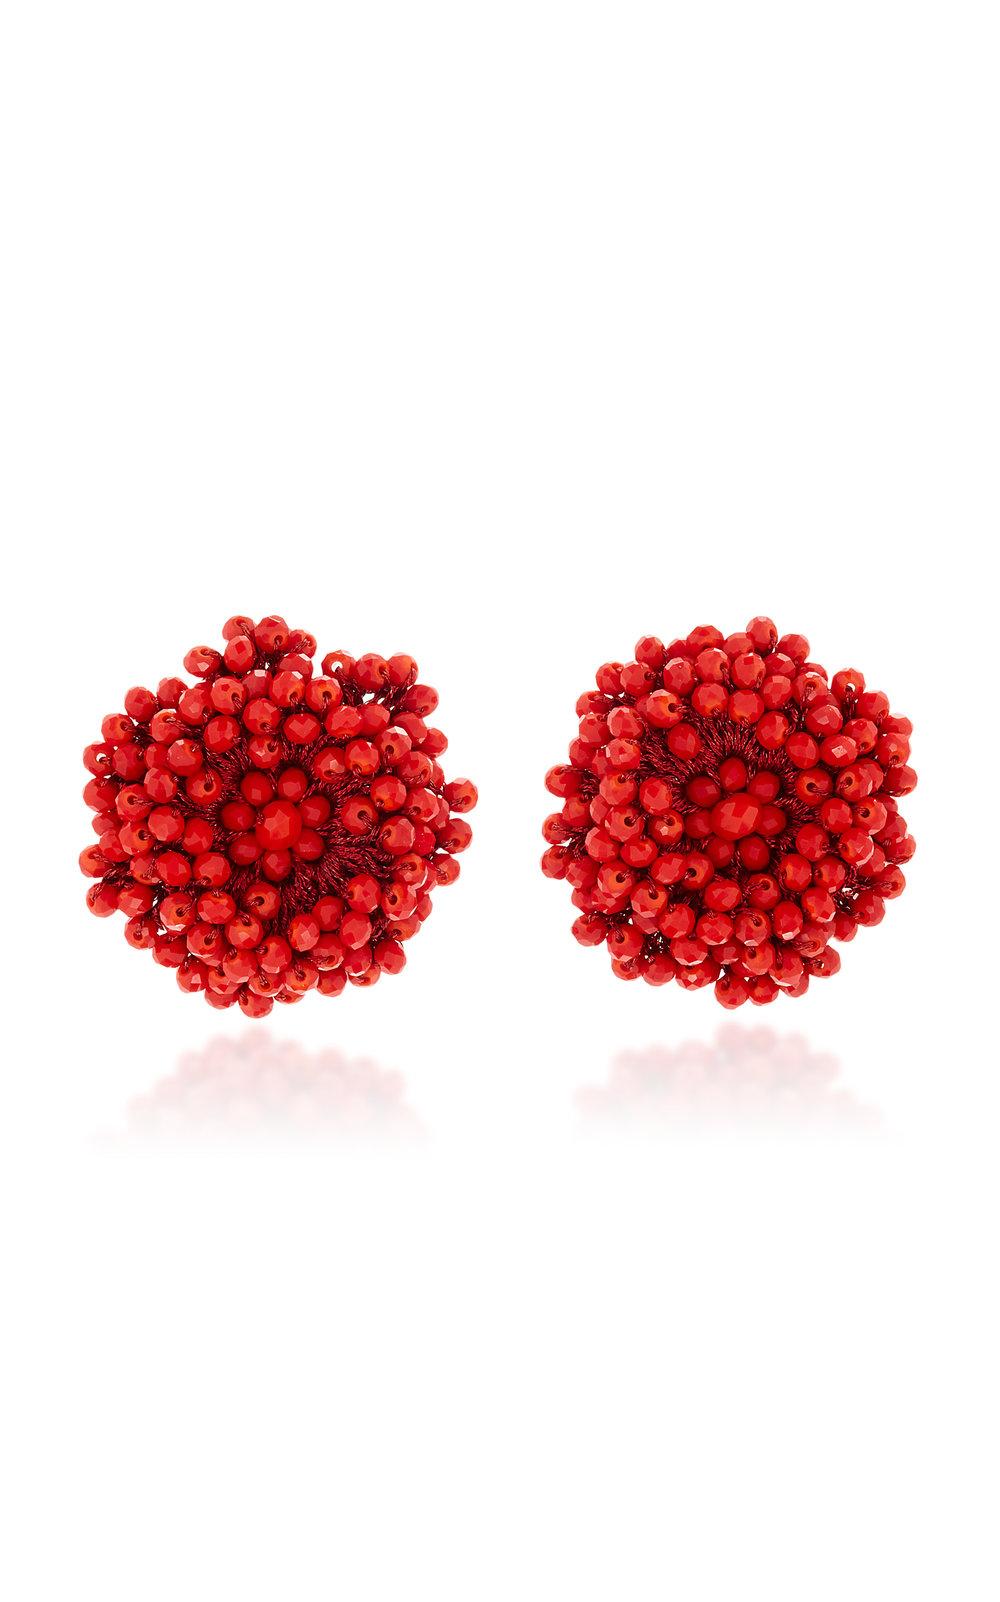 large_bibi-marini-red-red-beaded-blossom-earrings.jpg